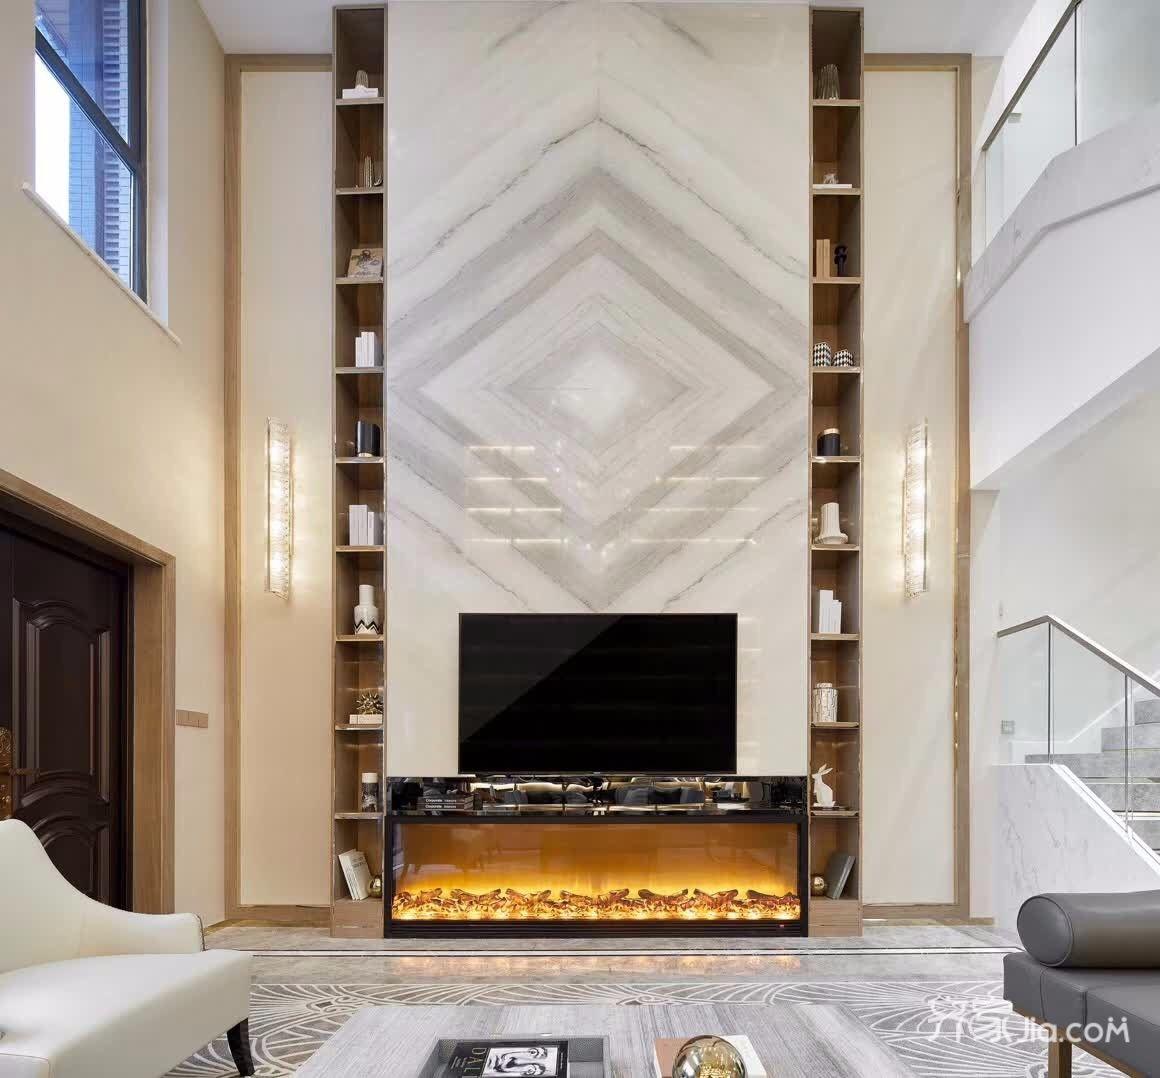 现代奢华复式别墅电视背景墙装修效果图